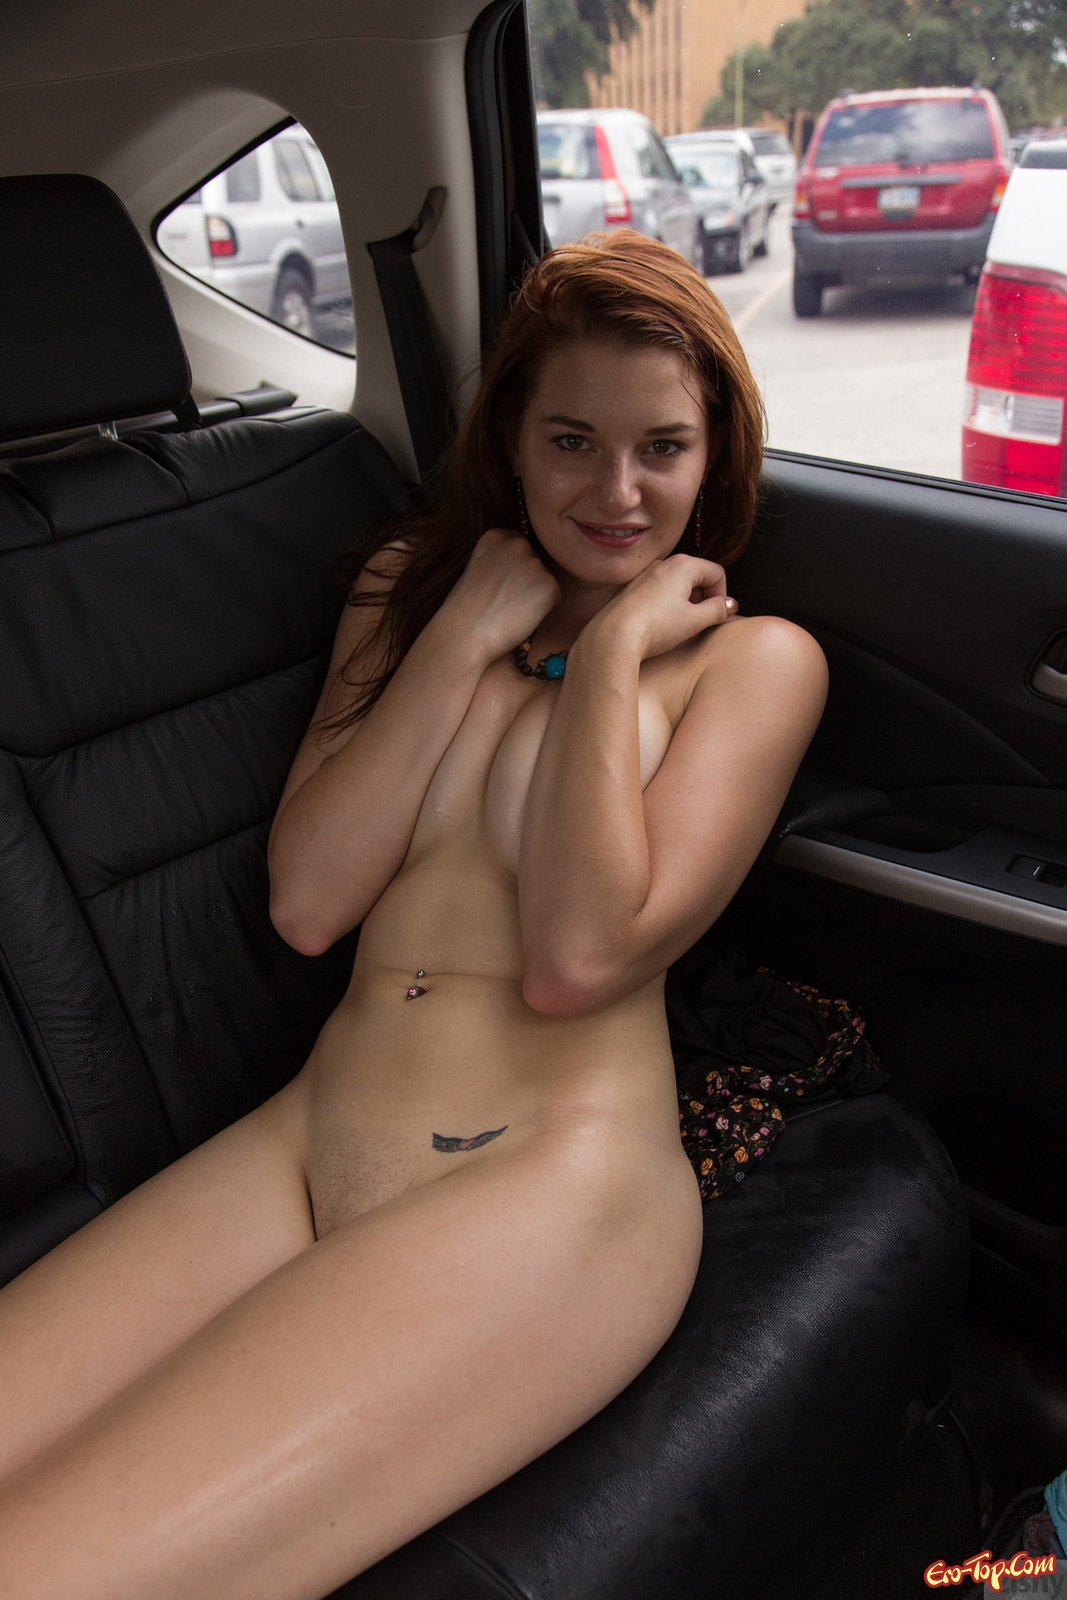 Рыжая девушка в машине